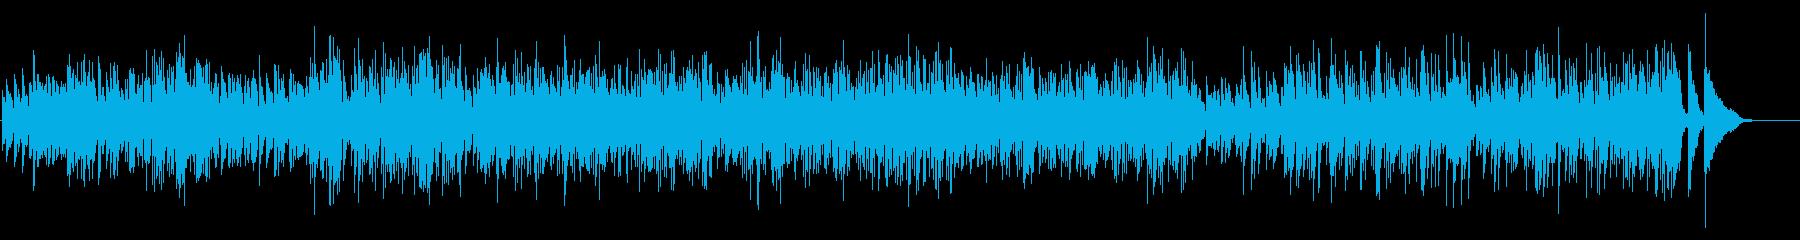 チャルダッシュ 木琴とピアノ ホールの再生済みの波形